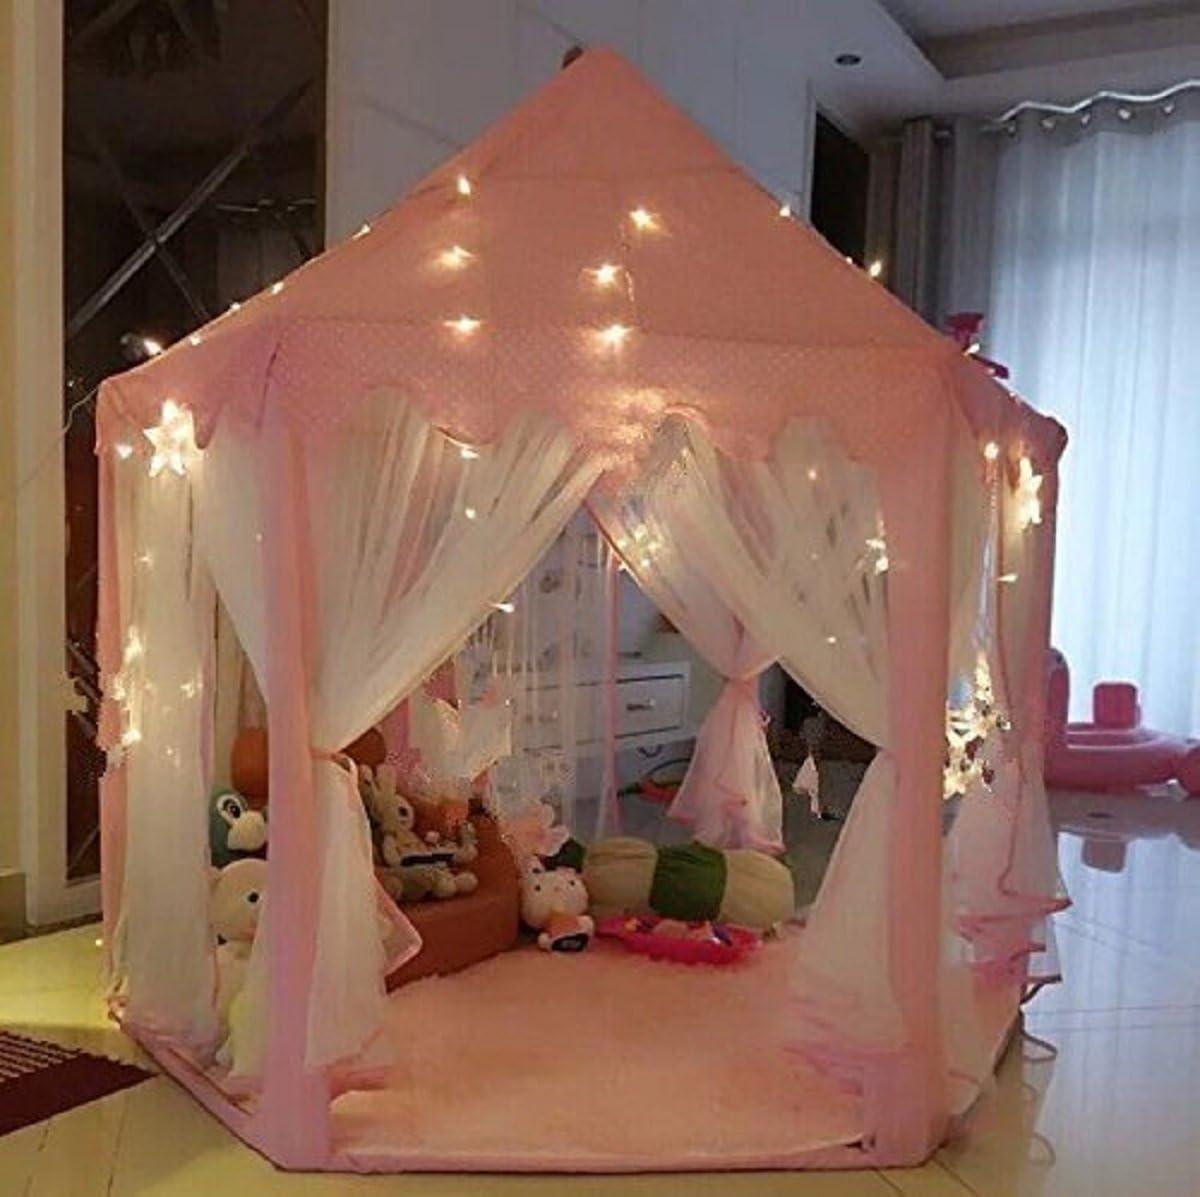 UniqueVC Tienda de Campaña Princesa para Niños, Casas y Tiendas para Niña con se Proporcionaron Las Luces pequeño LED en Interior y Exterior - Bolas y Manta no Incluidas